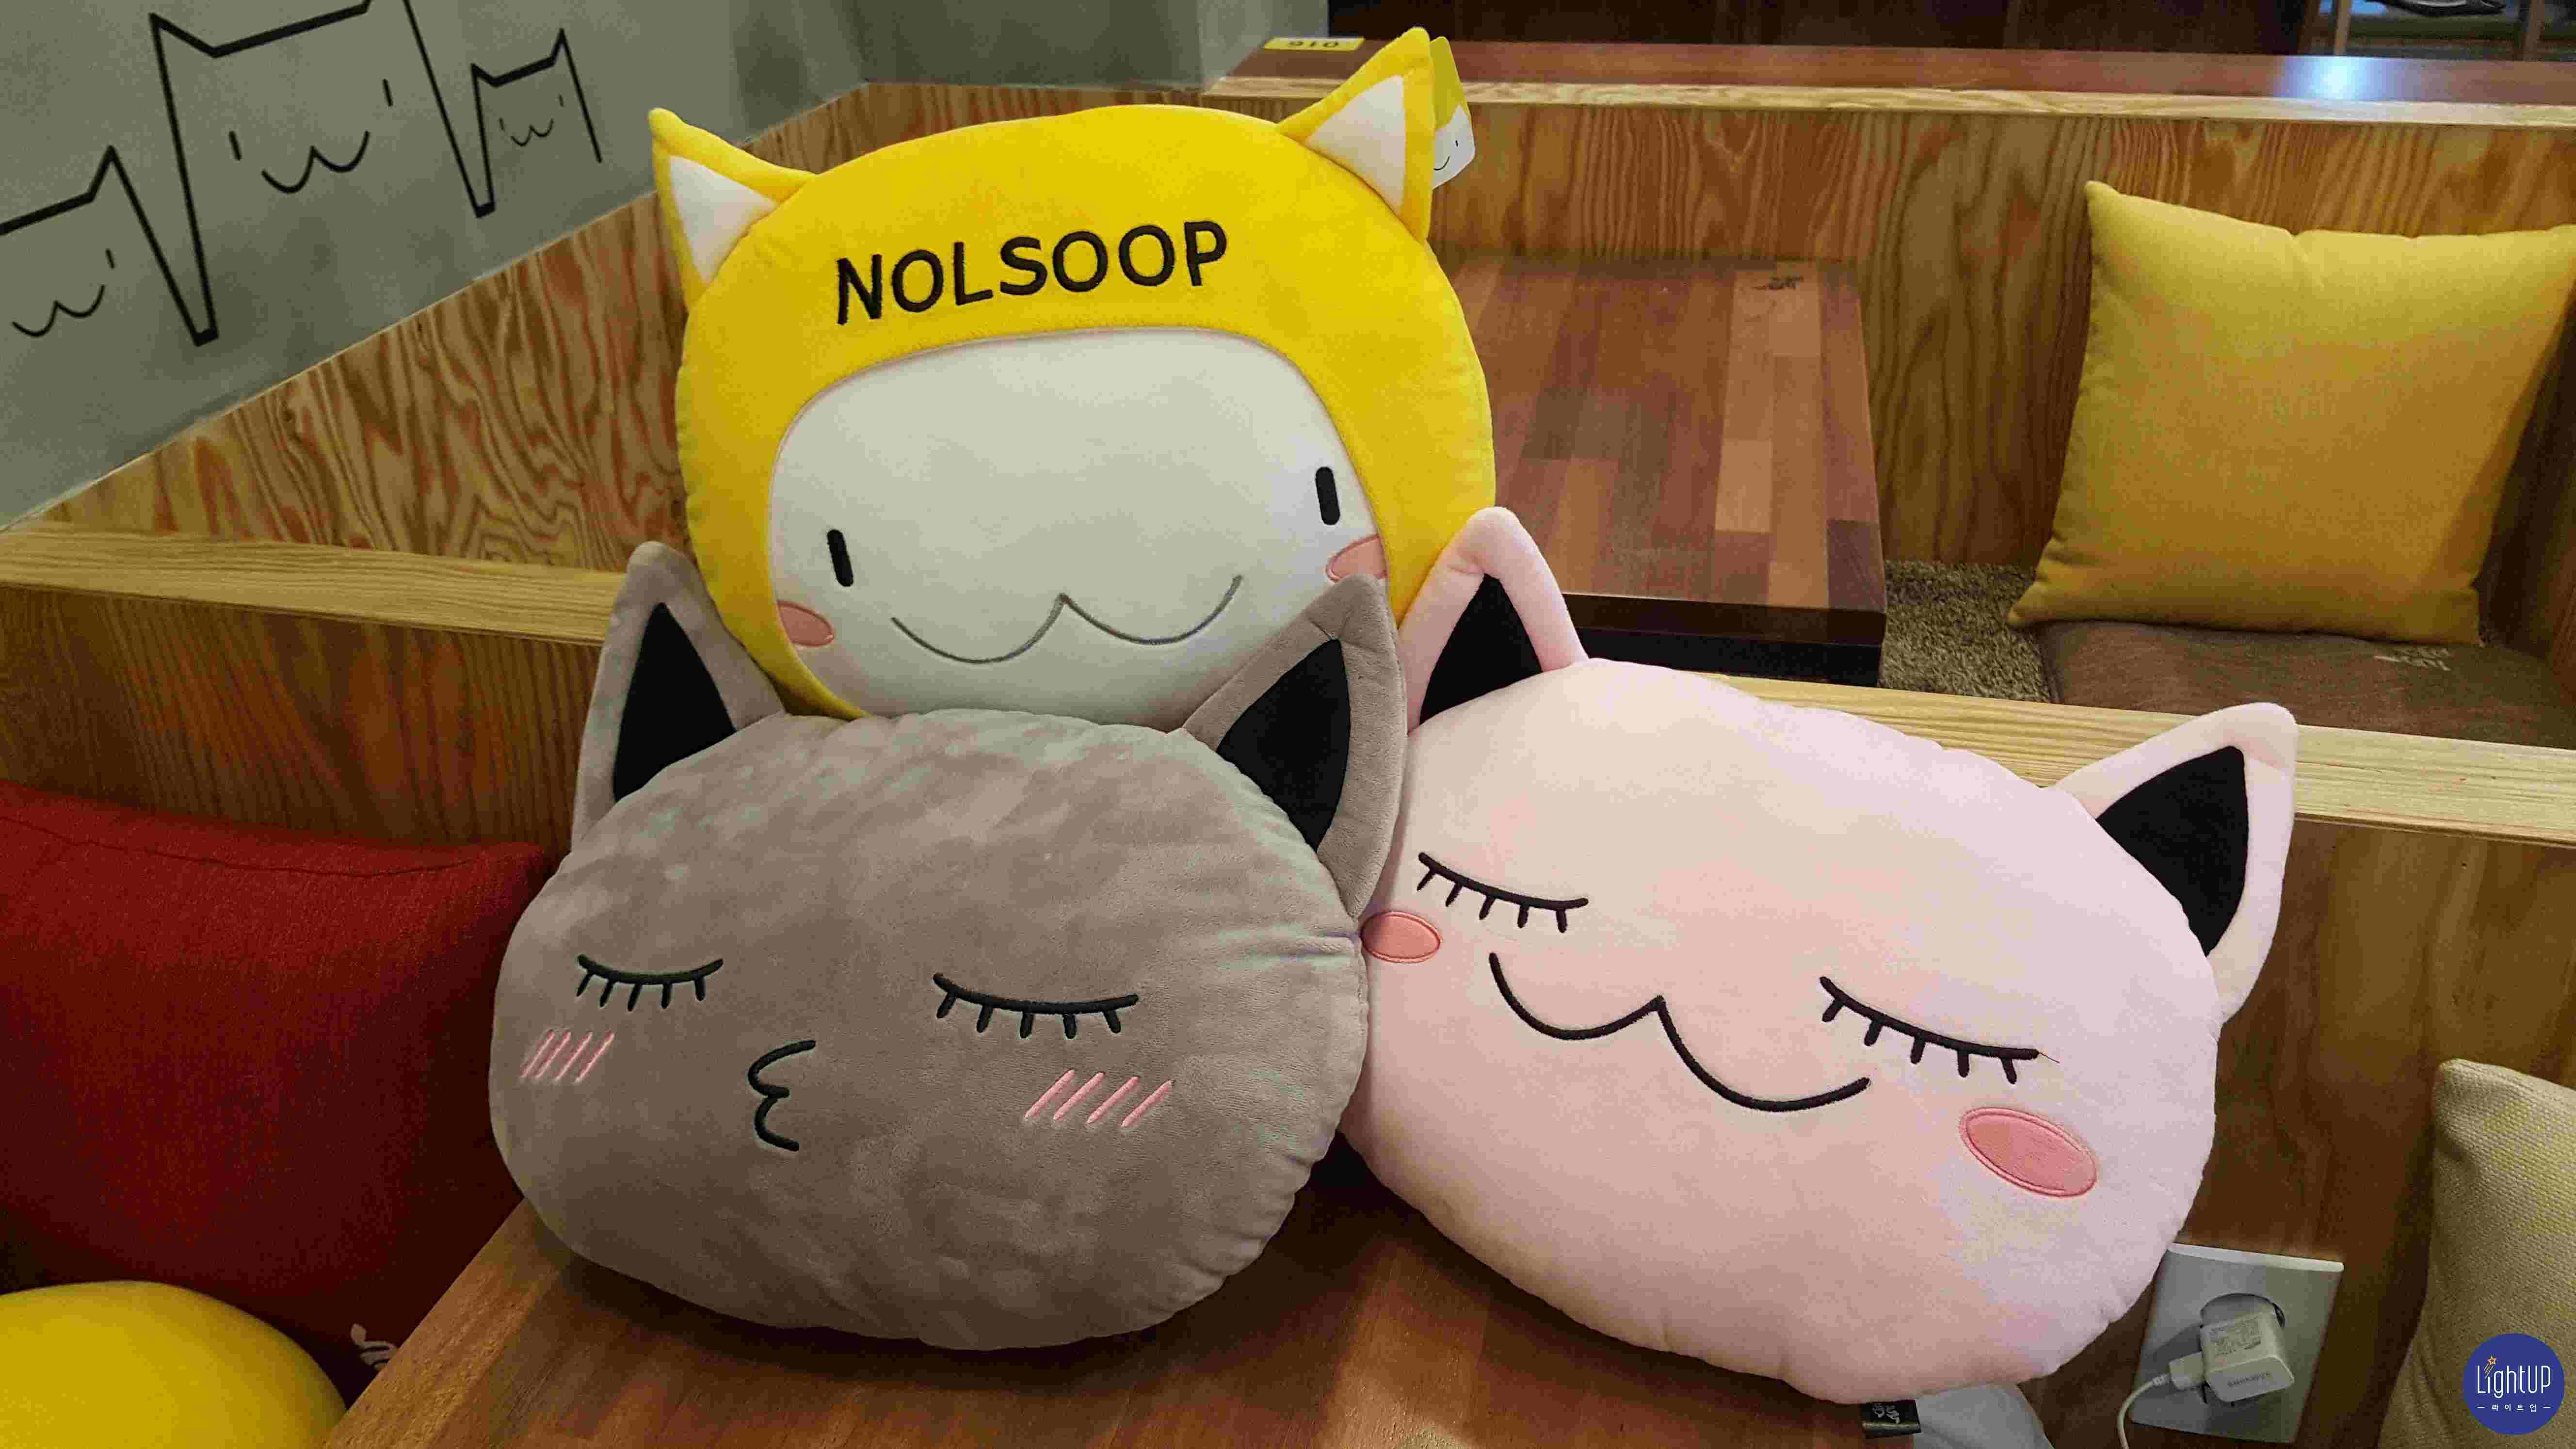 Nolsoop 最具代表性的就是貓了,每個座位區都會看到貓咪抱枕喔